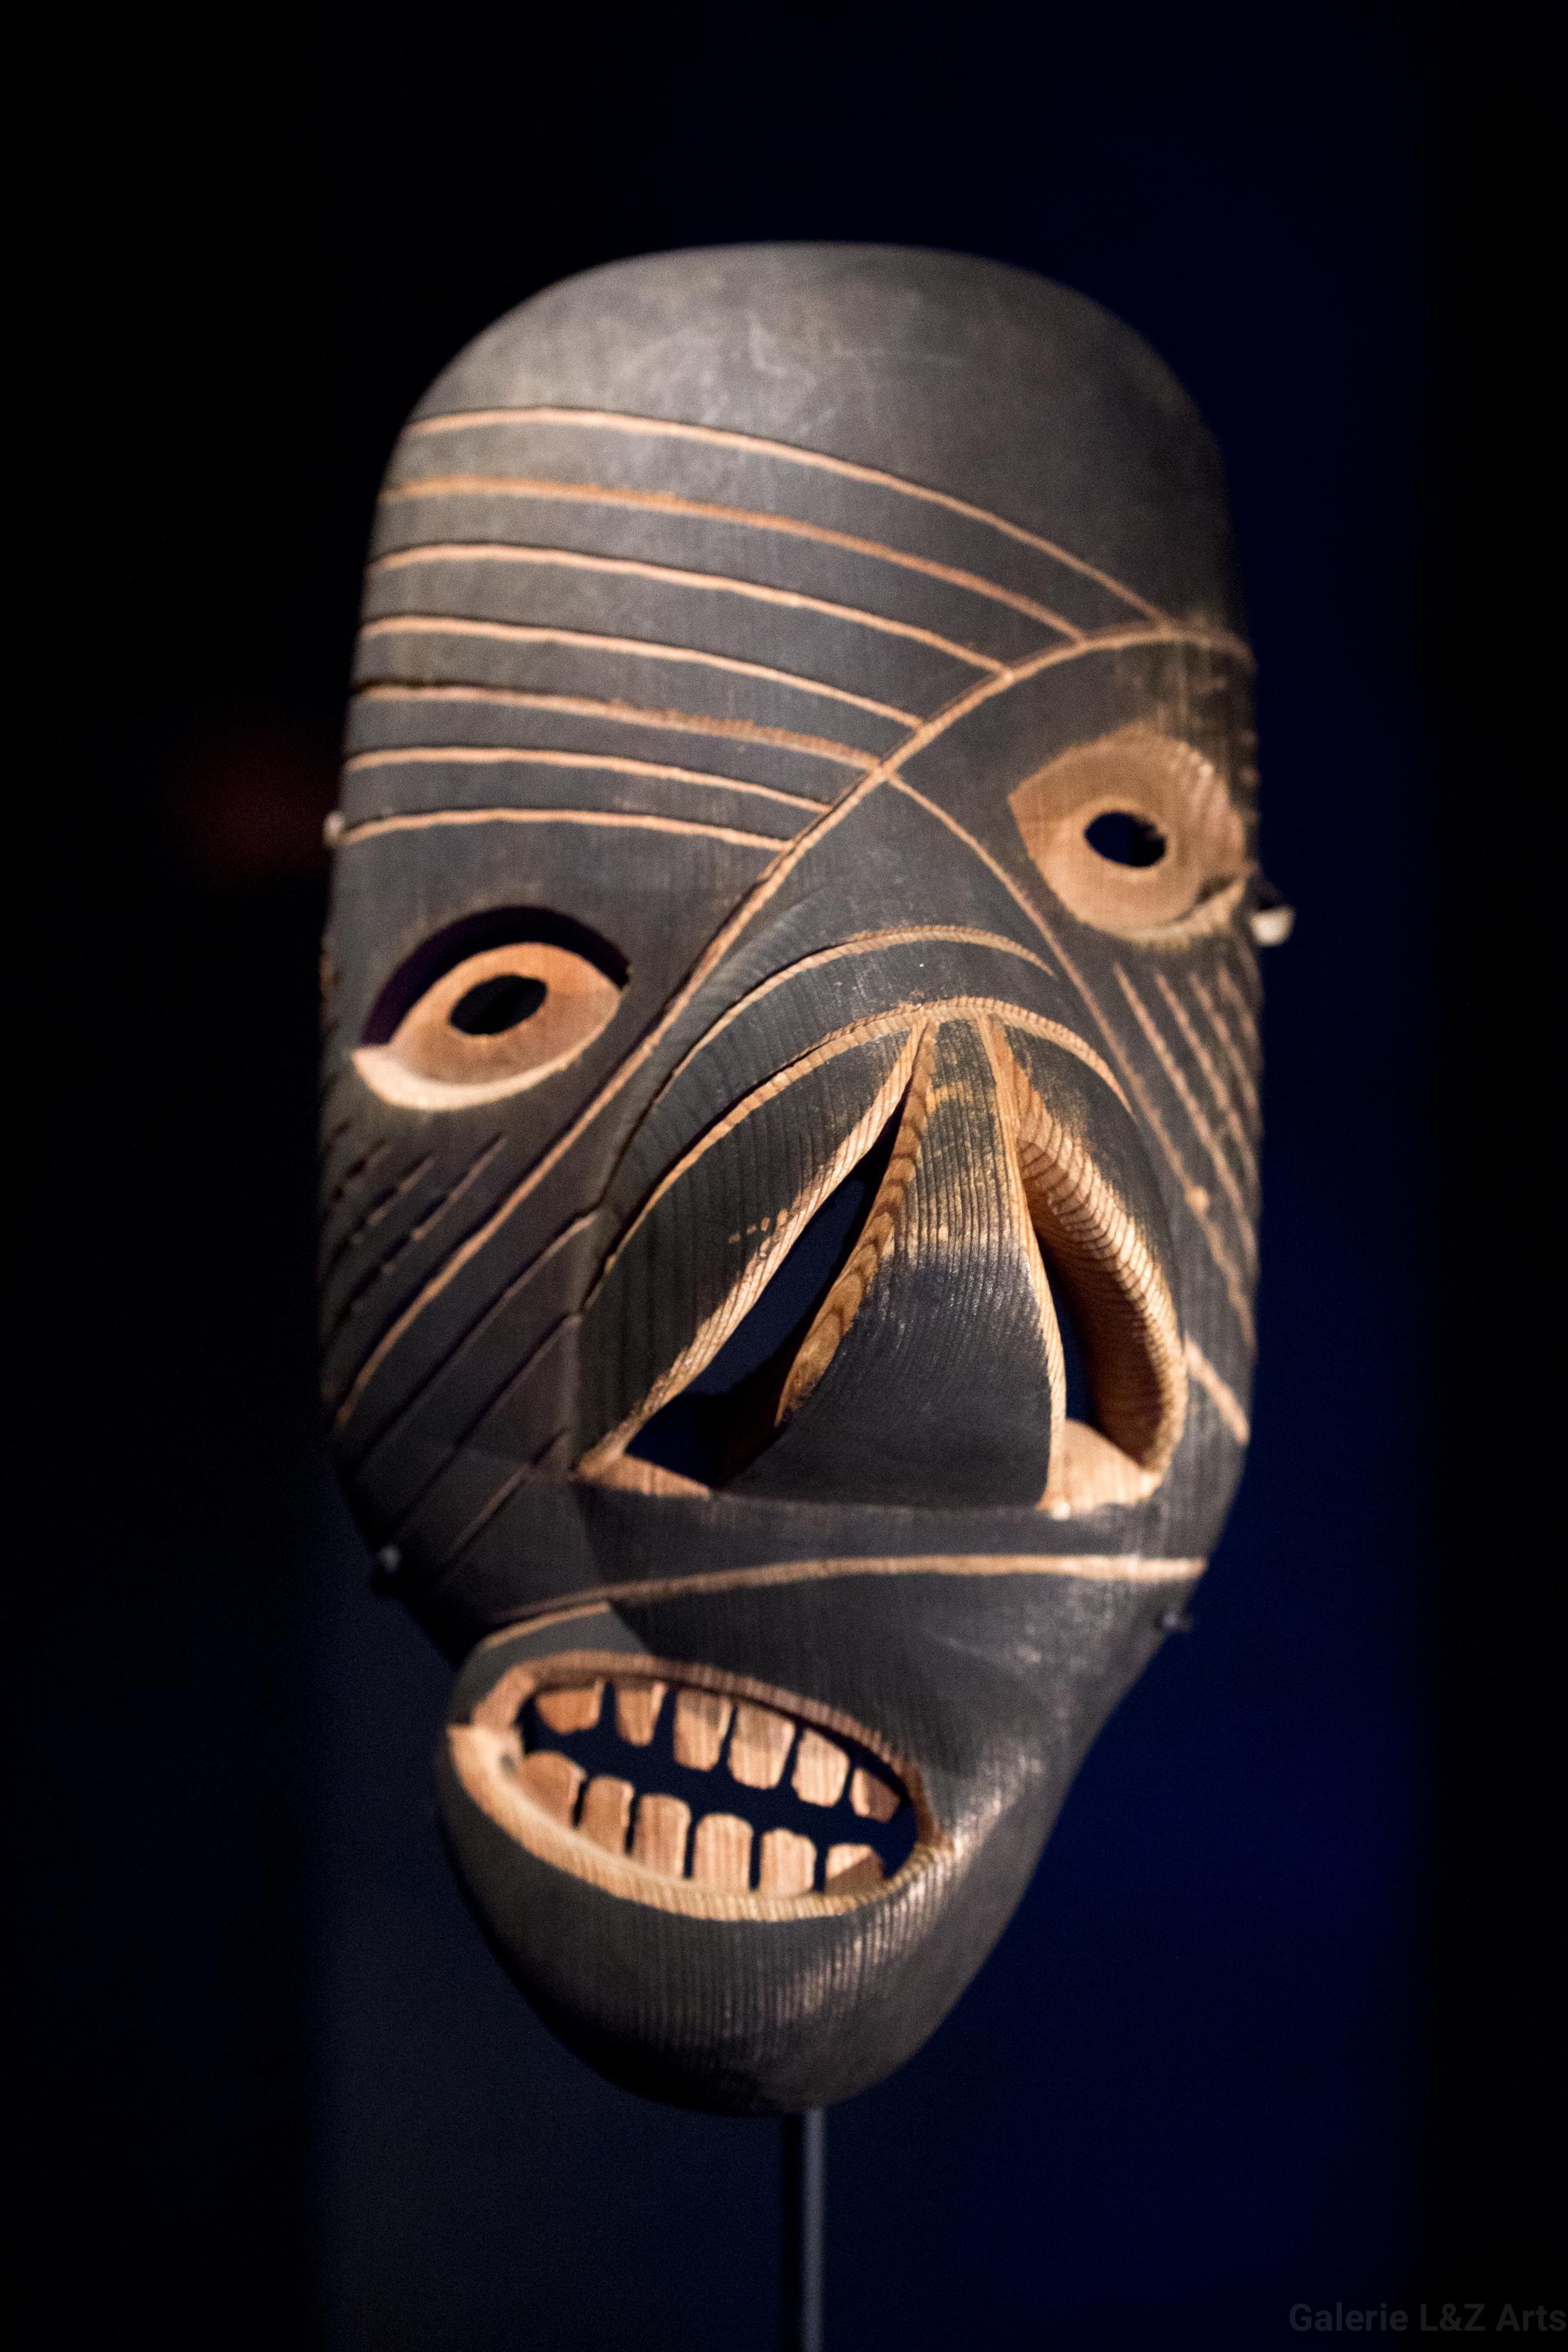 exposition-masque-art-tribal-africain-musee-quai-branly-belgique-galerie-lz-arts-liege-cite-miroir-oceanie-asie-japon-amerique-art-premier-nepal-26.jpg